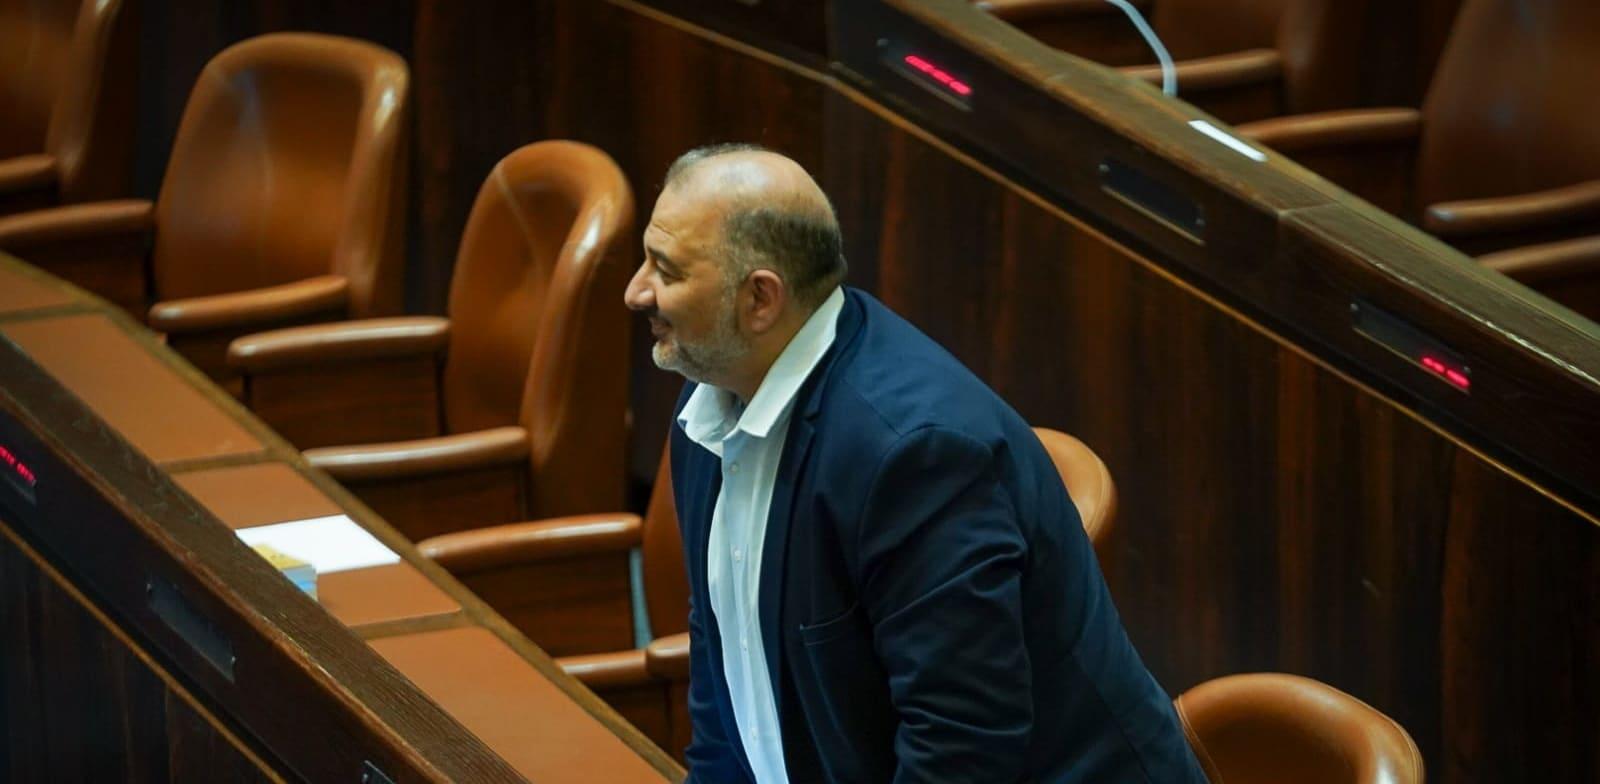 מנסור עבאס במליאה על הרכב הוועדה המסדרת / צילום: דוברות הכנסת - נועם מושקוביץ